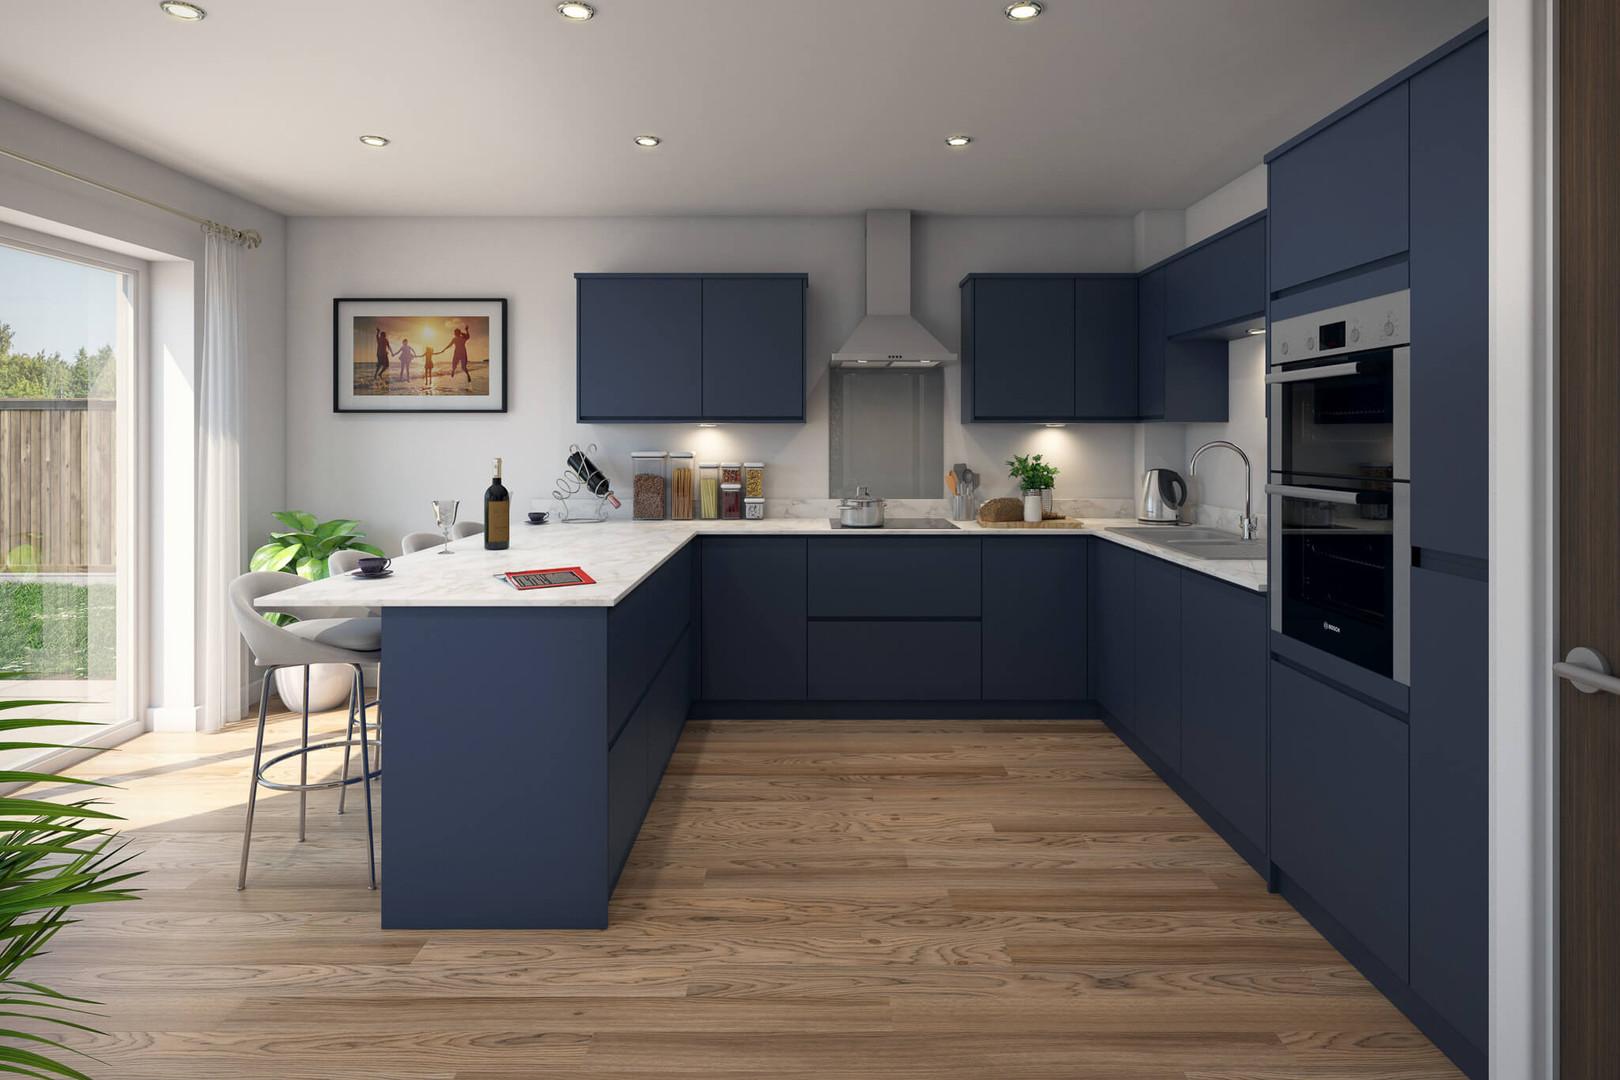 interior-cgi-glendene-farm-kitchen-navy.